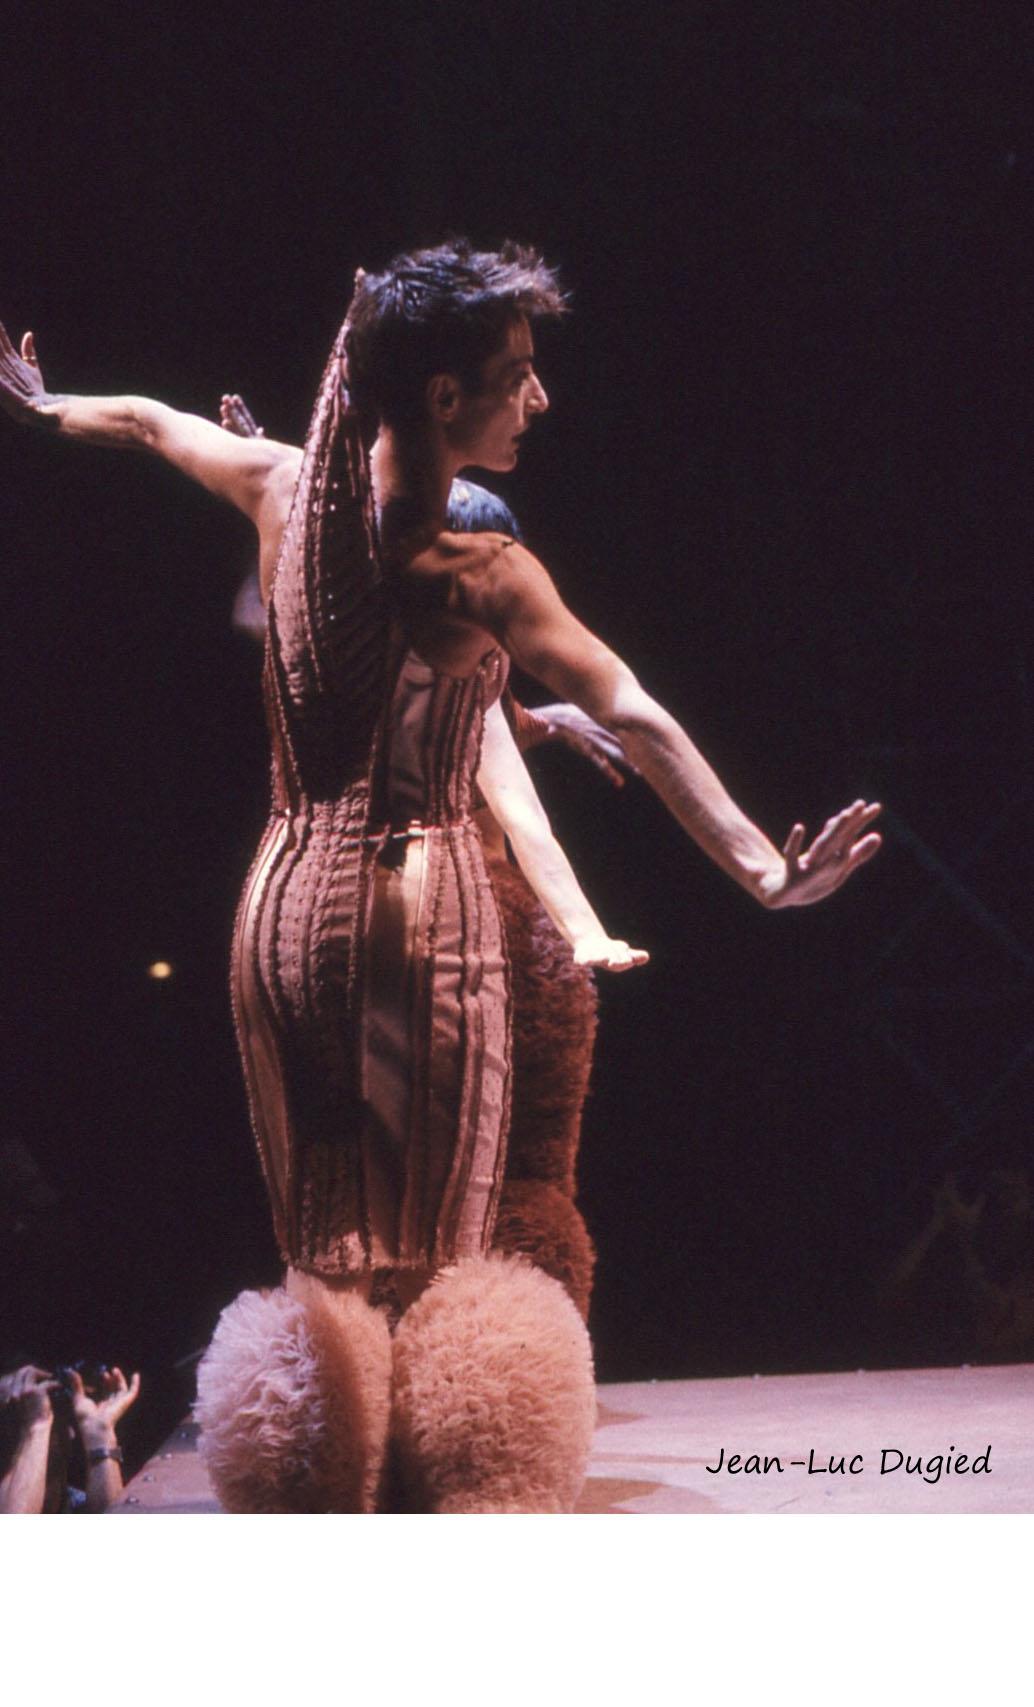 16 Chopinot Régine - le défilé de Jean-Paul Gaultier - 1985